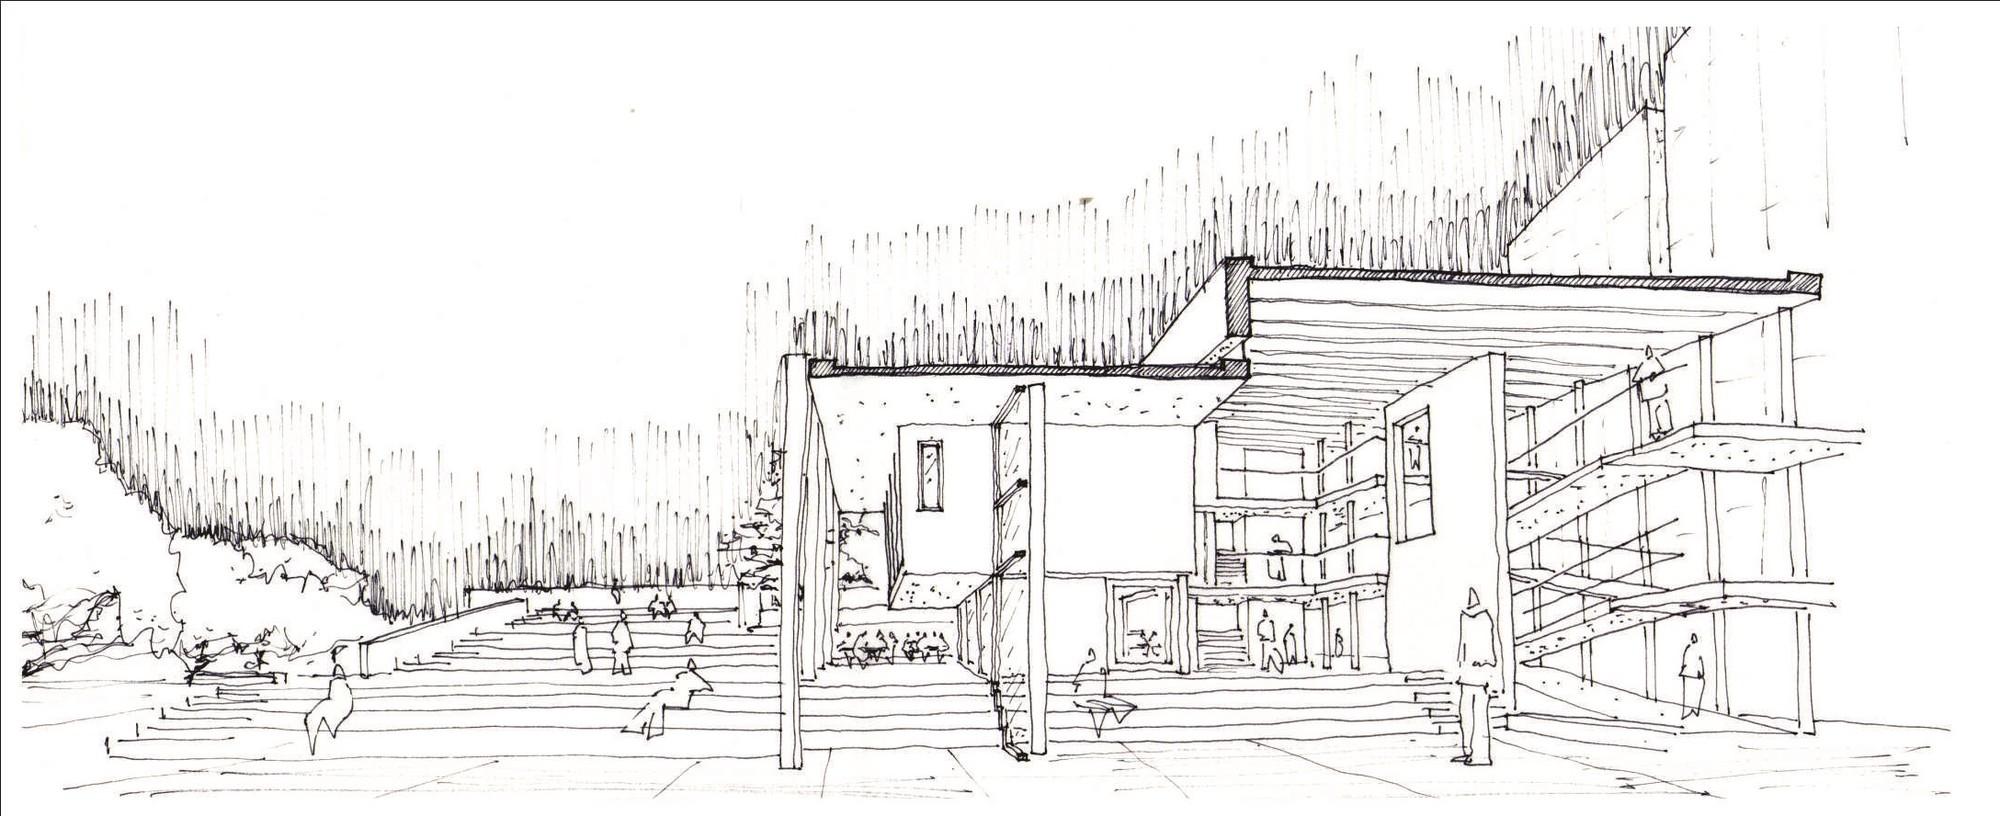 Tercer Lugar. Image Courtesy of Colegio de Arquitectos de la Provincia de Buenos Aires